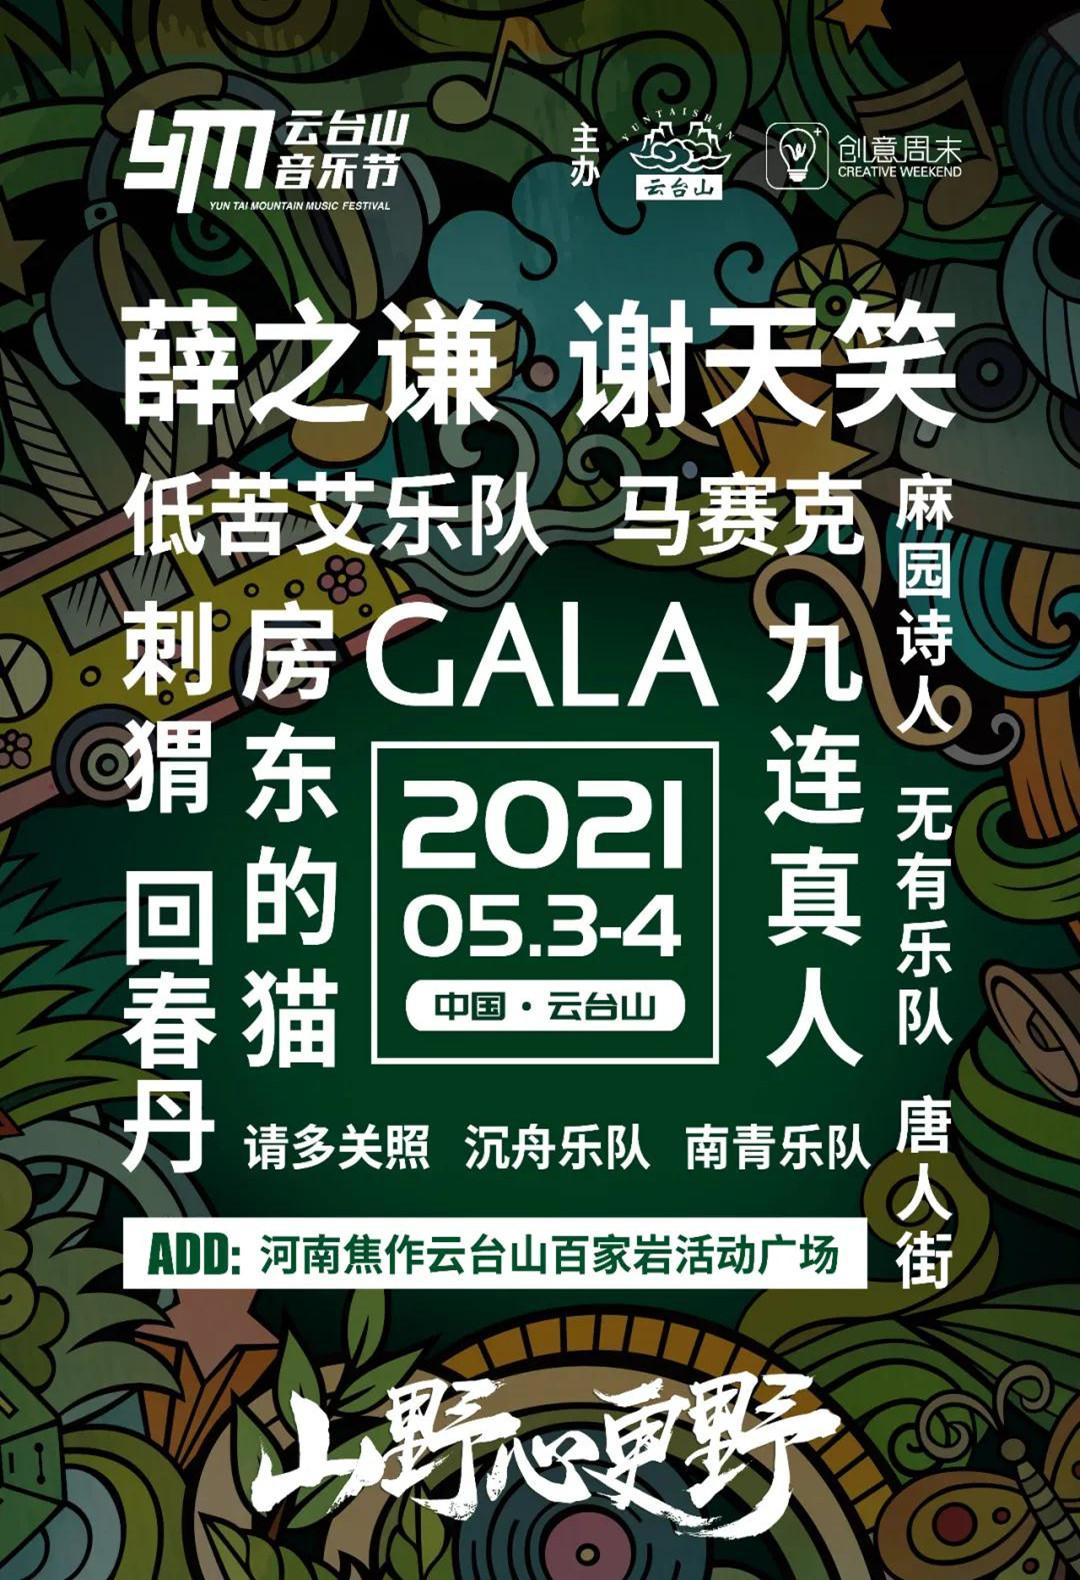 2021云台山音乐节几点开始?门票在哪买?